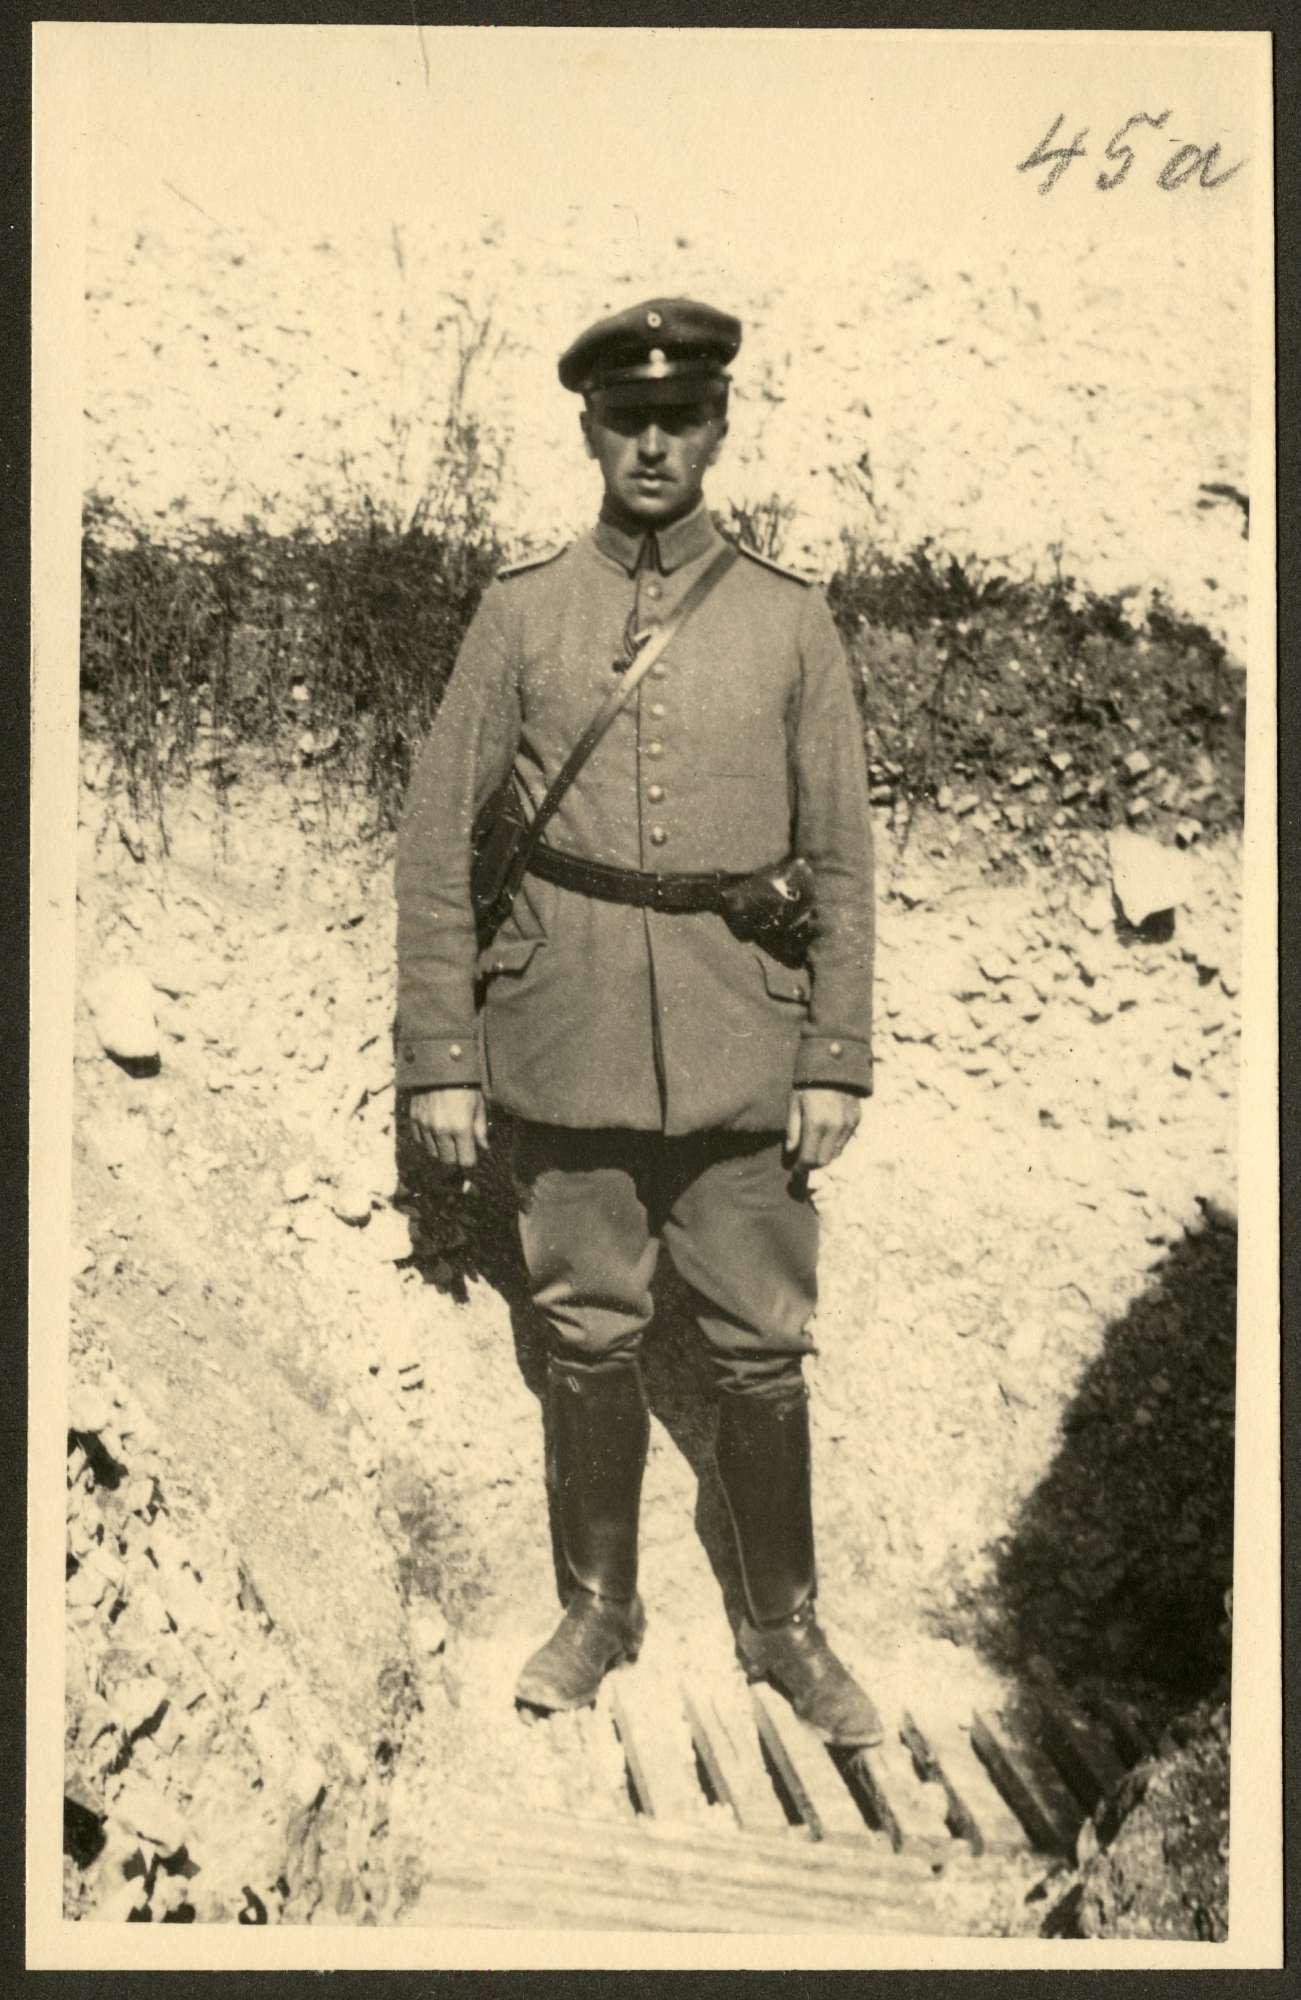 Schaal, Artur, Bild 2